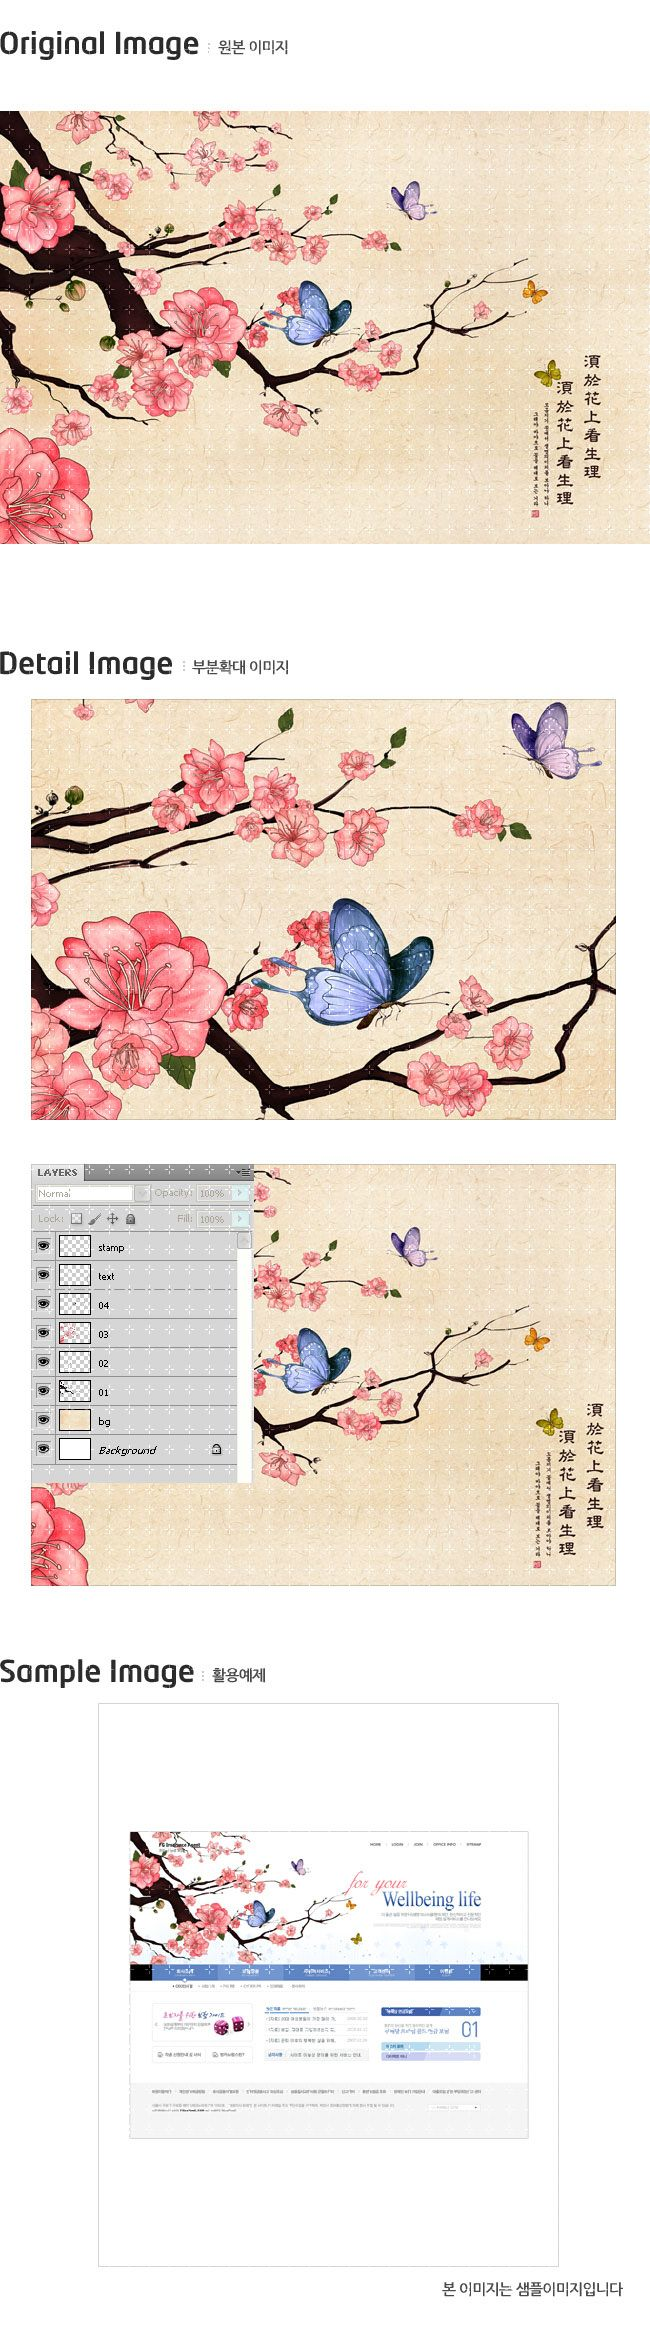 그림, 나뭇가지, 수묵화, 일러스트, freegine, 전통, illust, 한국화, 나비, 페인터, Painter, 벚꽃, 문화예술, 동양화…